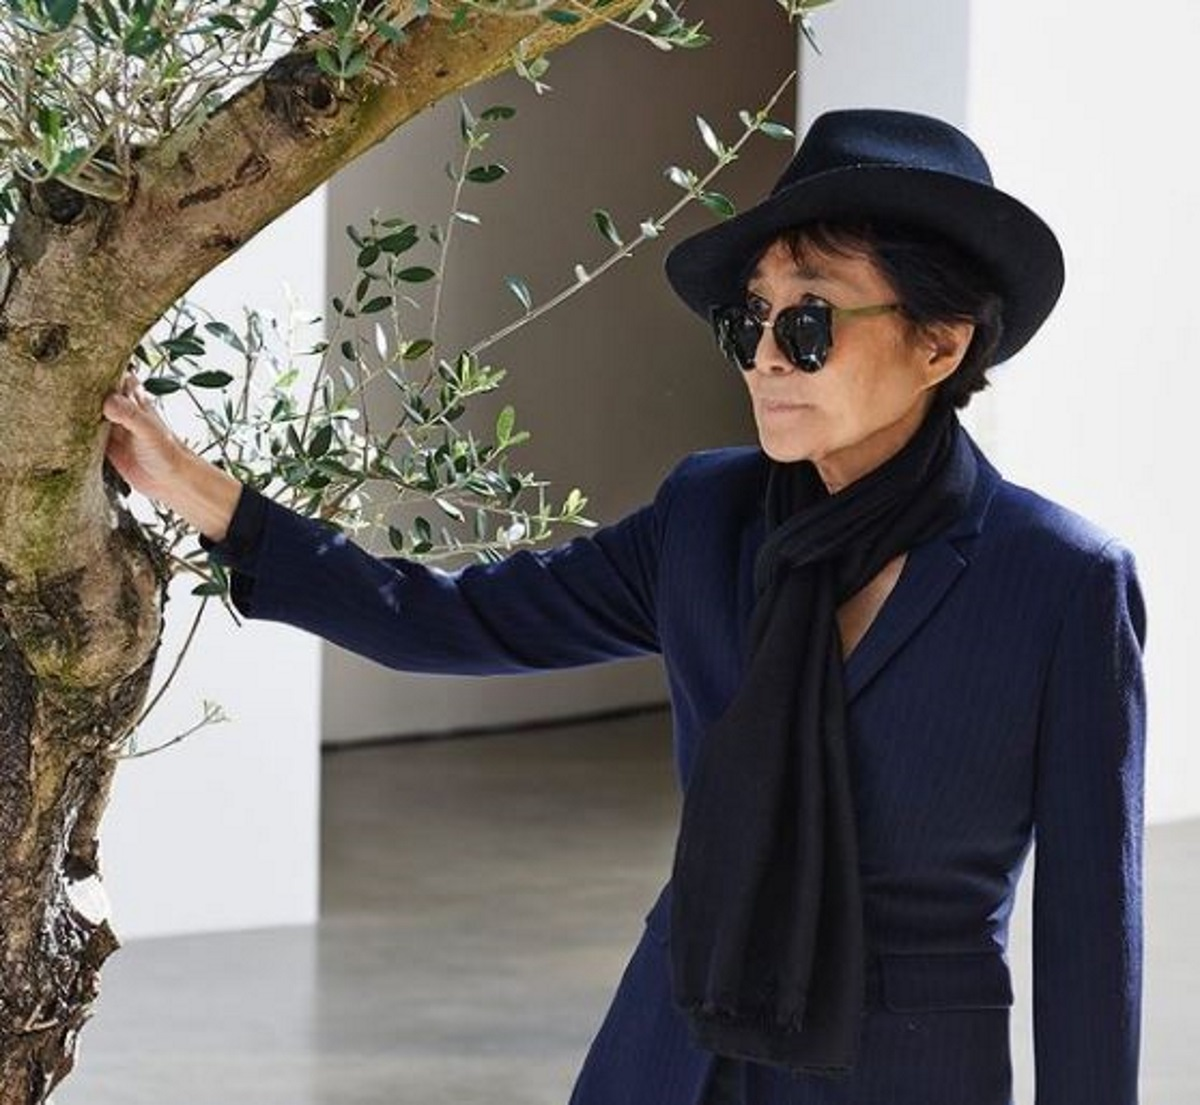 Το Wish Tree της Γιόκο Όνο «ανθίζει» λόγω κορονοϊού στα social media (pics)